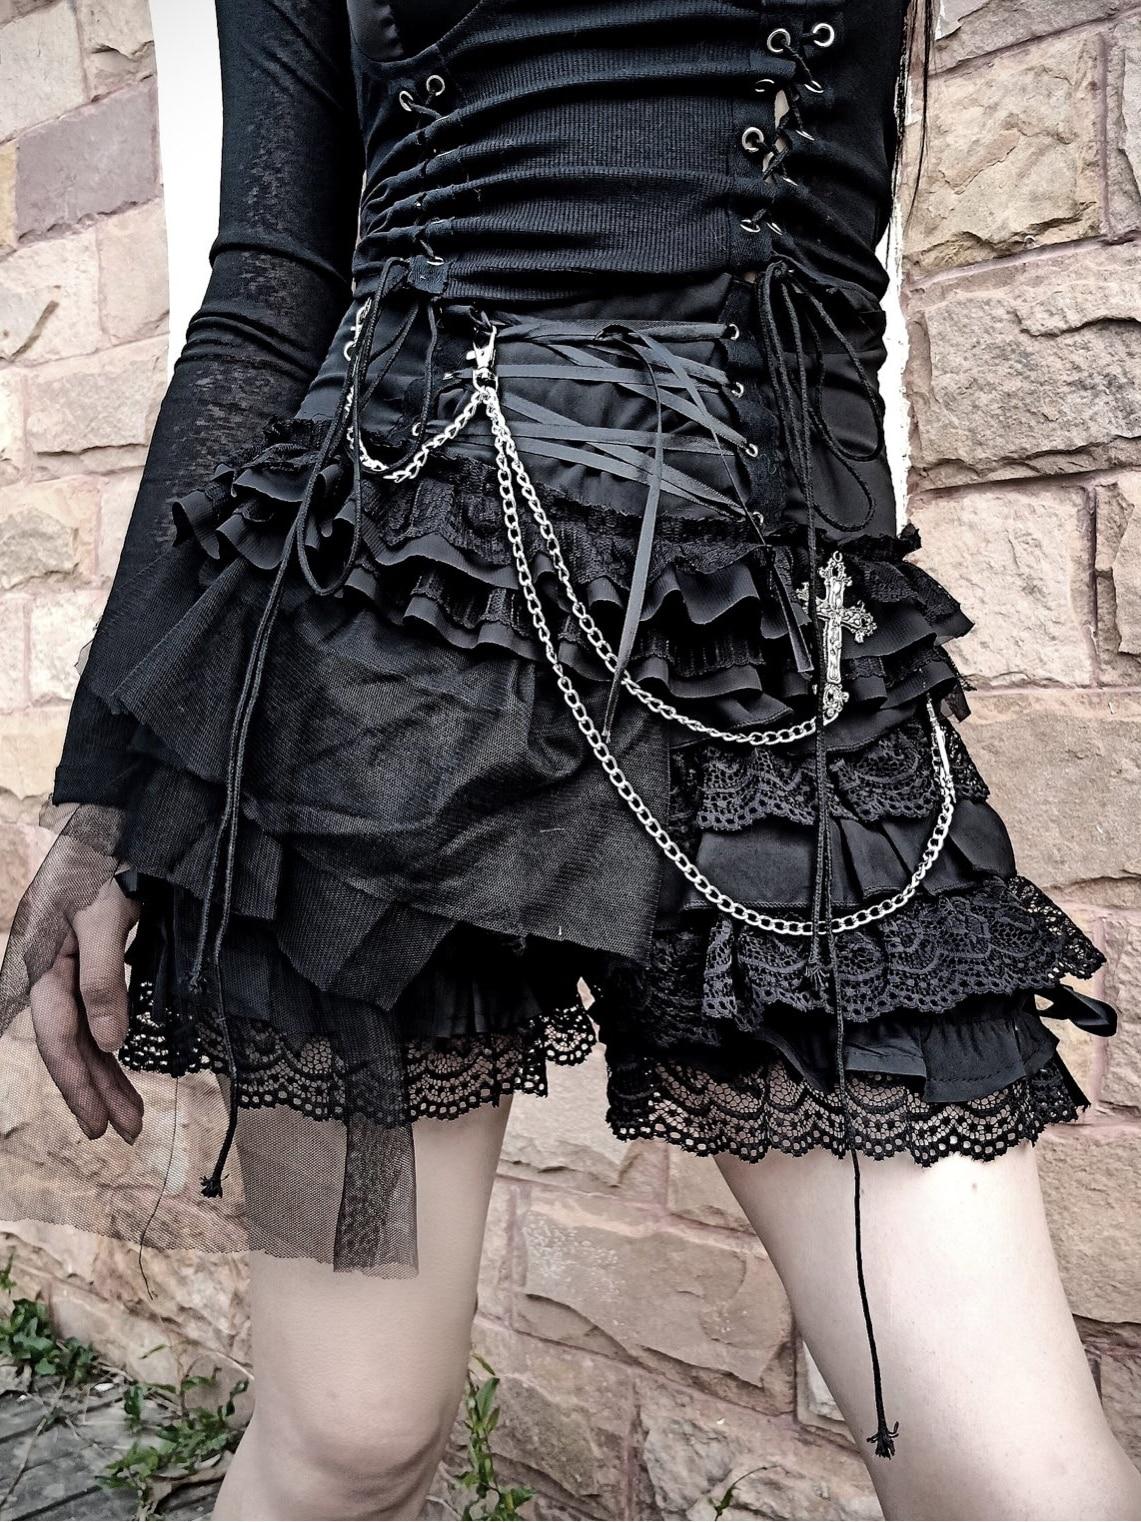 تنورة صغيرة من الدانتيل ، لوليتا روك بانك ، تصميم أصلي ، متعدد الطبقات ، شريط داكن ، شبكة سوداء قوطية يابانية ، صيف وشتاء